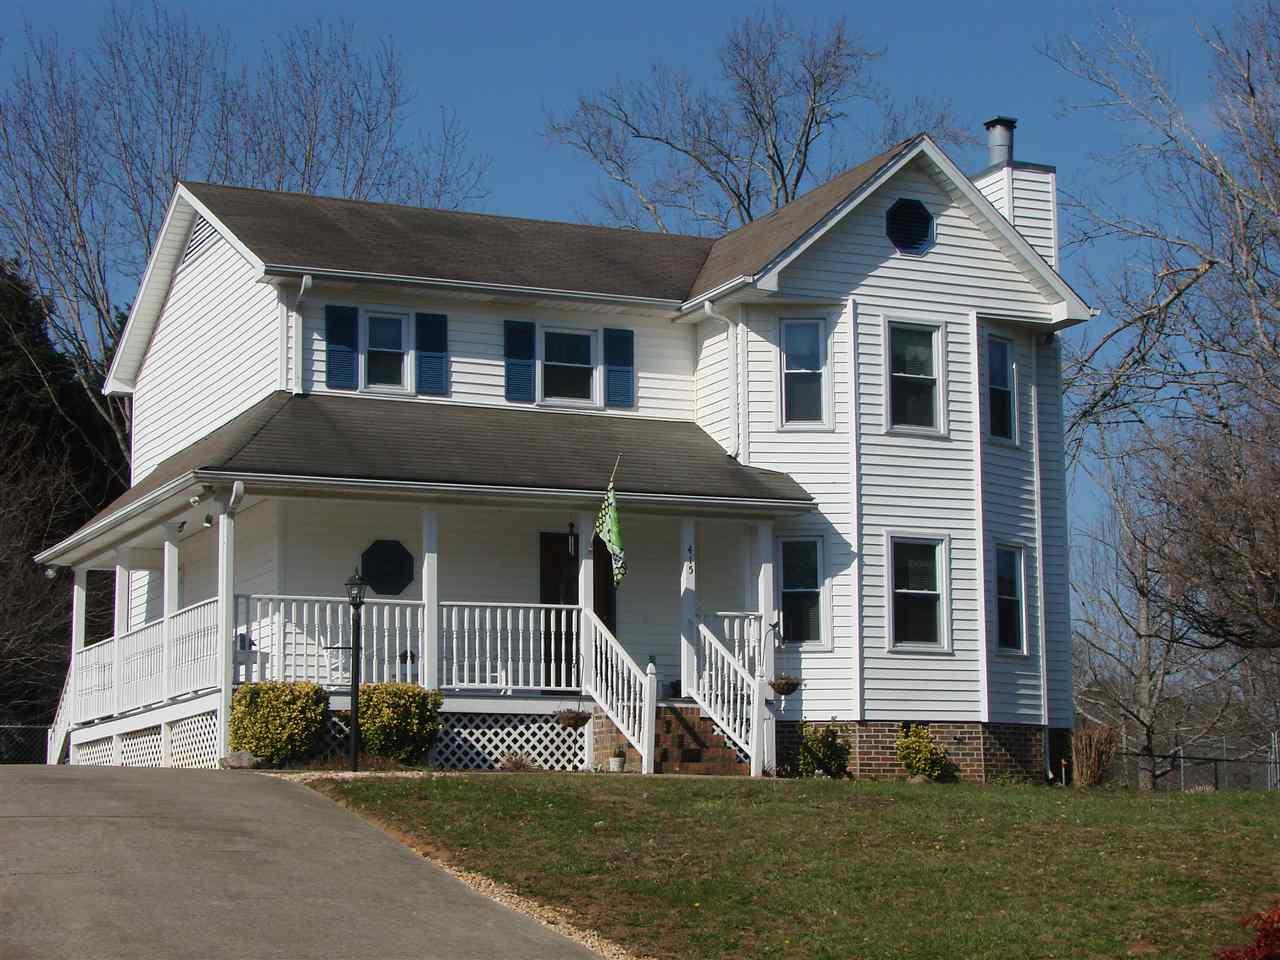 Real Estate for Sale, ListingId: 36976985, Easley,SC29640